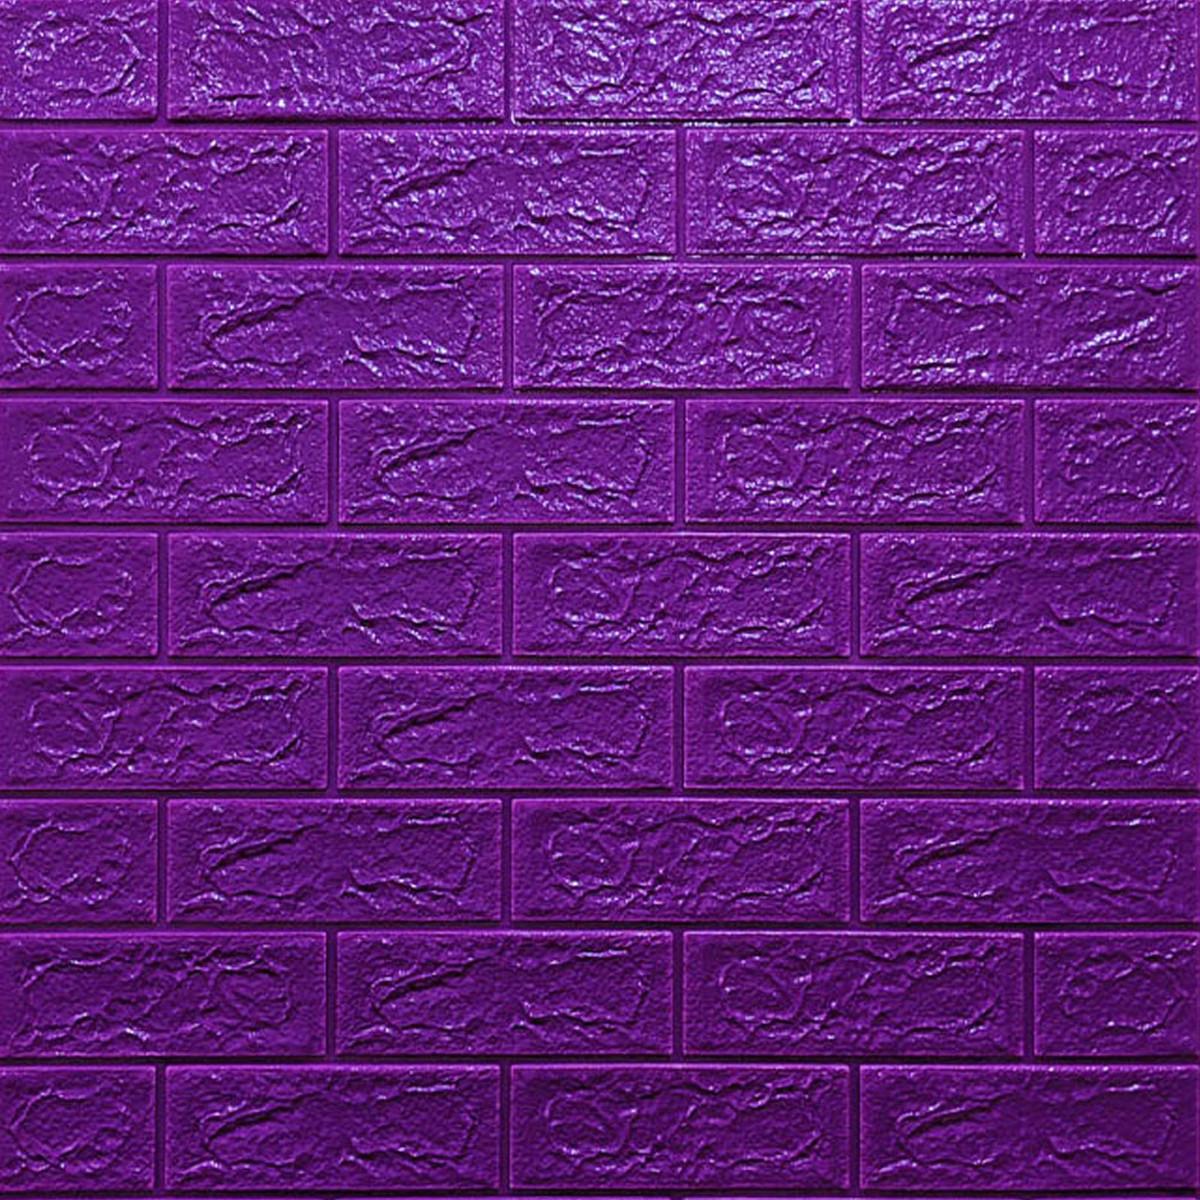 Самоклеющаяся декоративная 3D панель Кирпич  Фиолетовый 700x770x5мм